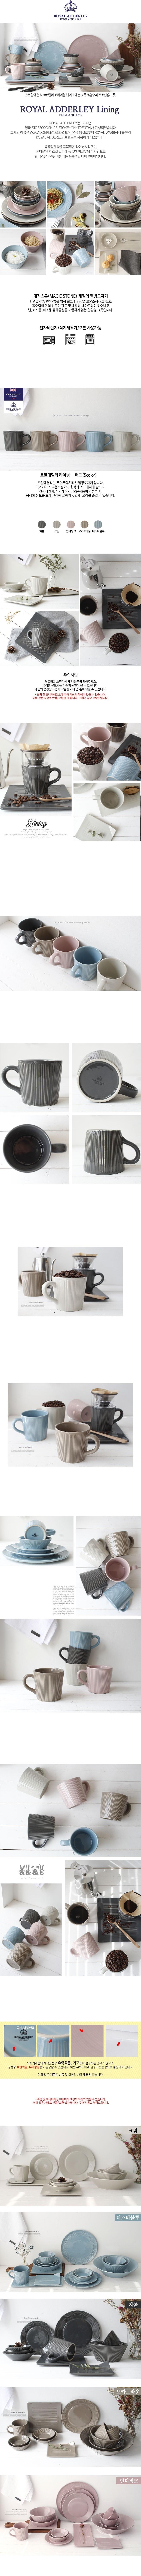 애덜리 라이닝 머그(5color) - 꾸미까, 8,700원, 머그컵, 심플머그